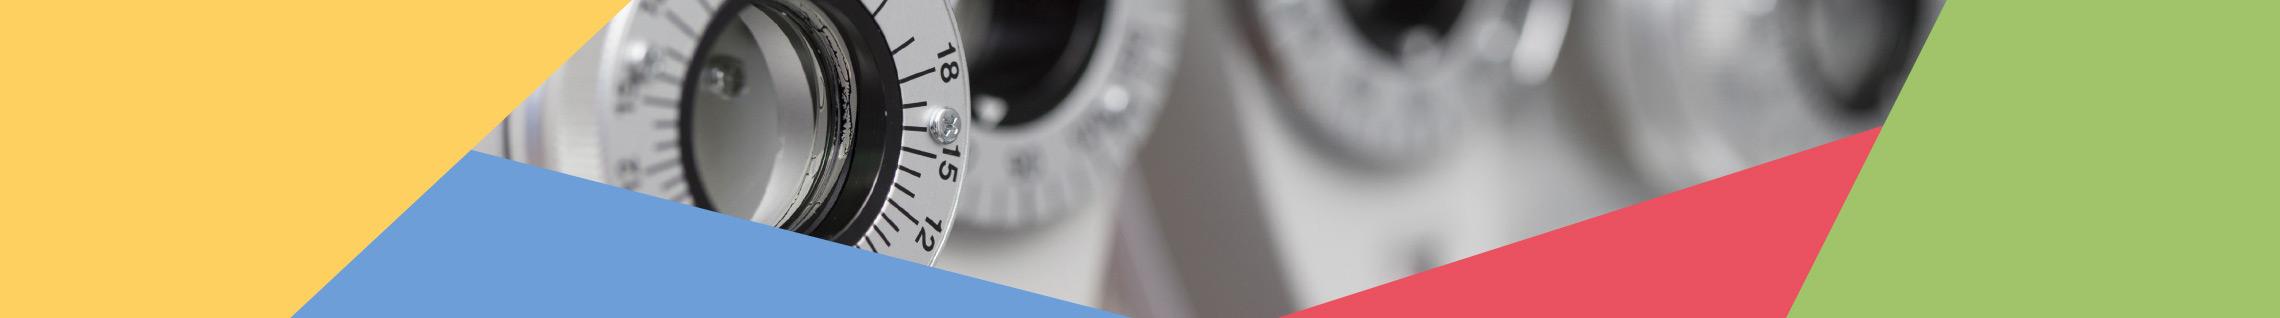 Das Augenzentrum Klatt bietet Ihnen erstklassige augenärztliche Versorgung im Raum Bremen, Syke, Leeste, Weyhe und Bassum.